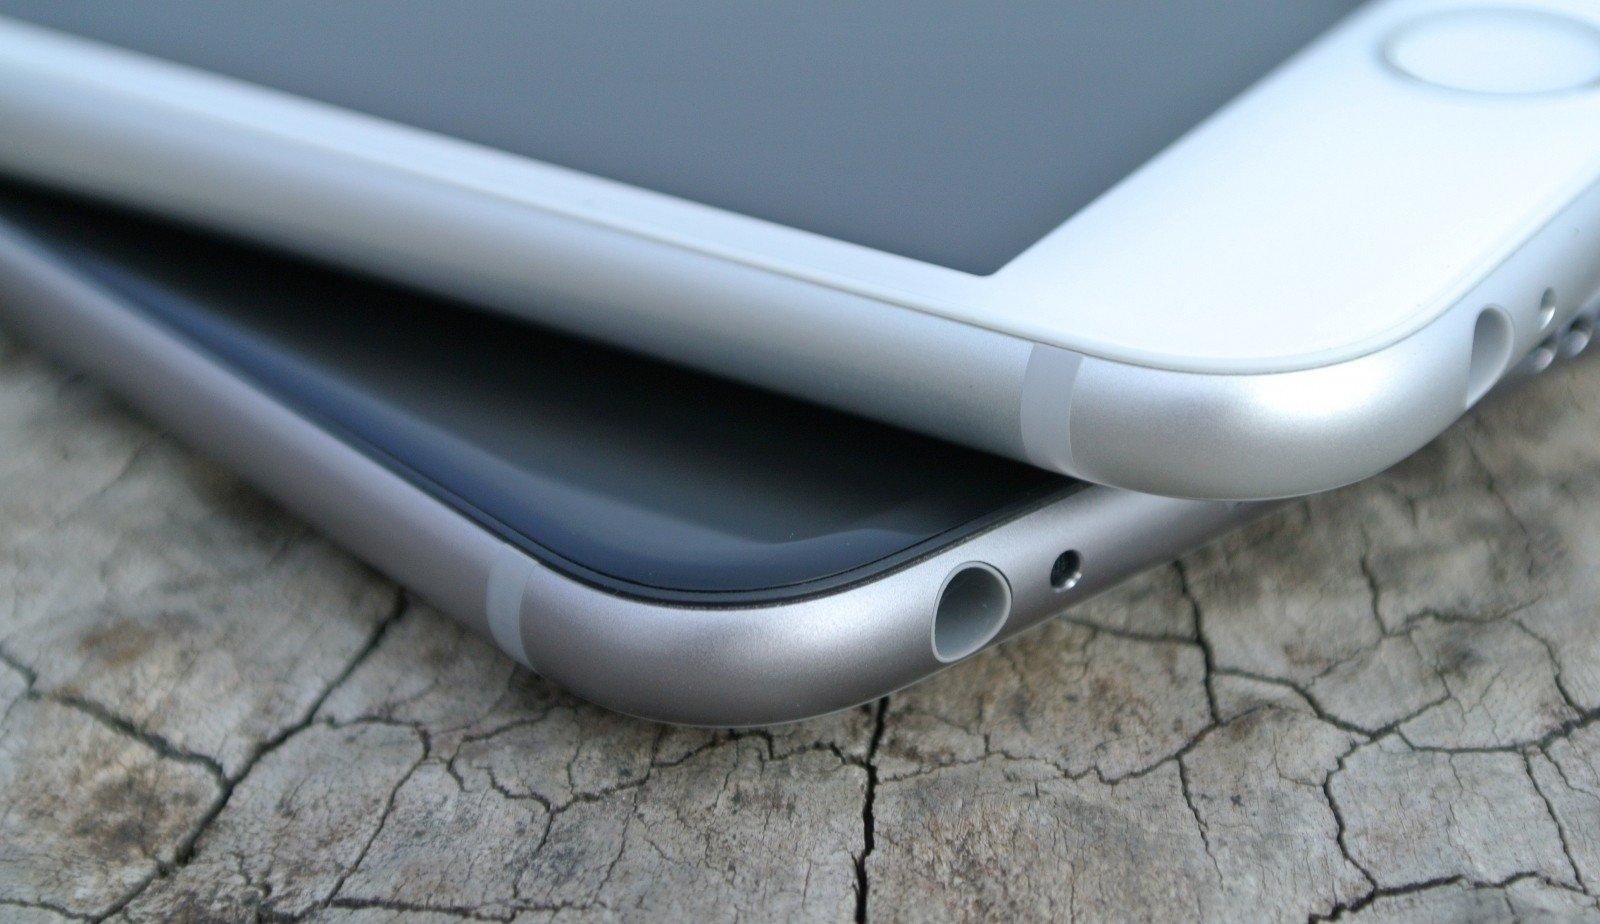 iPhone 6, 6 Plus